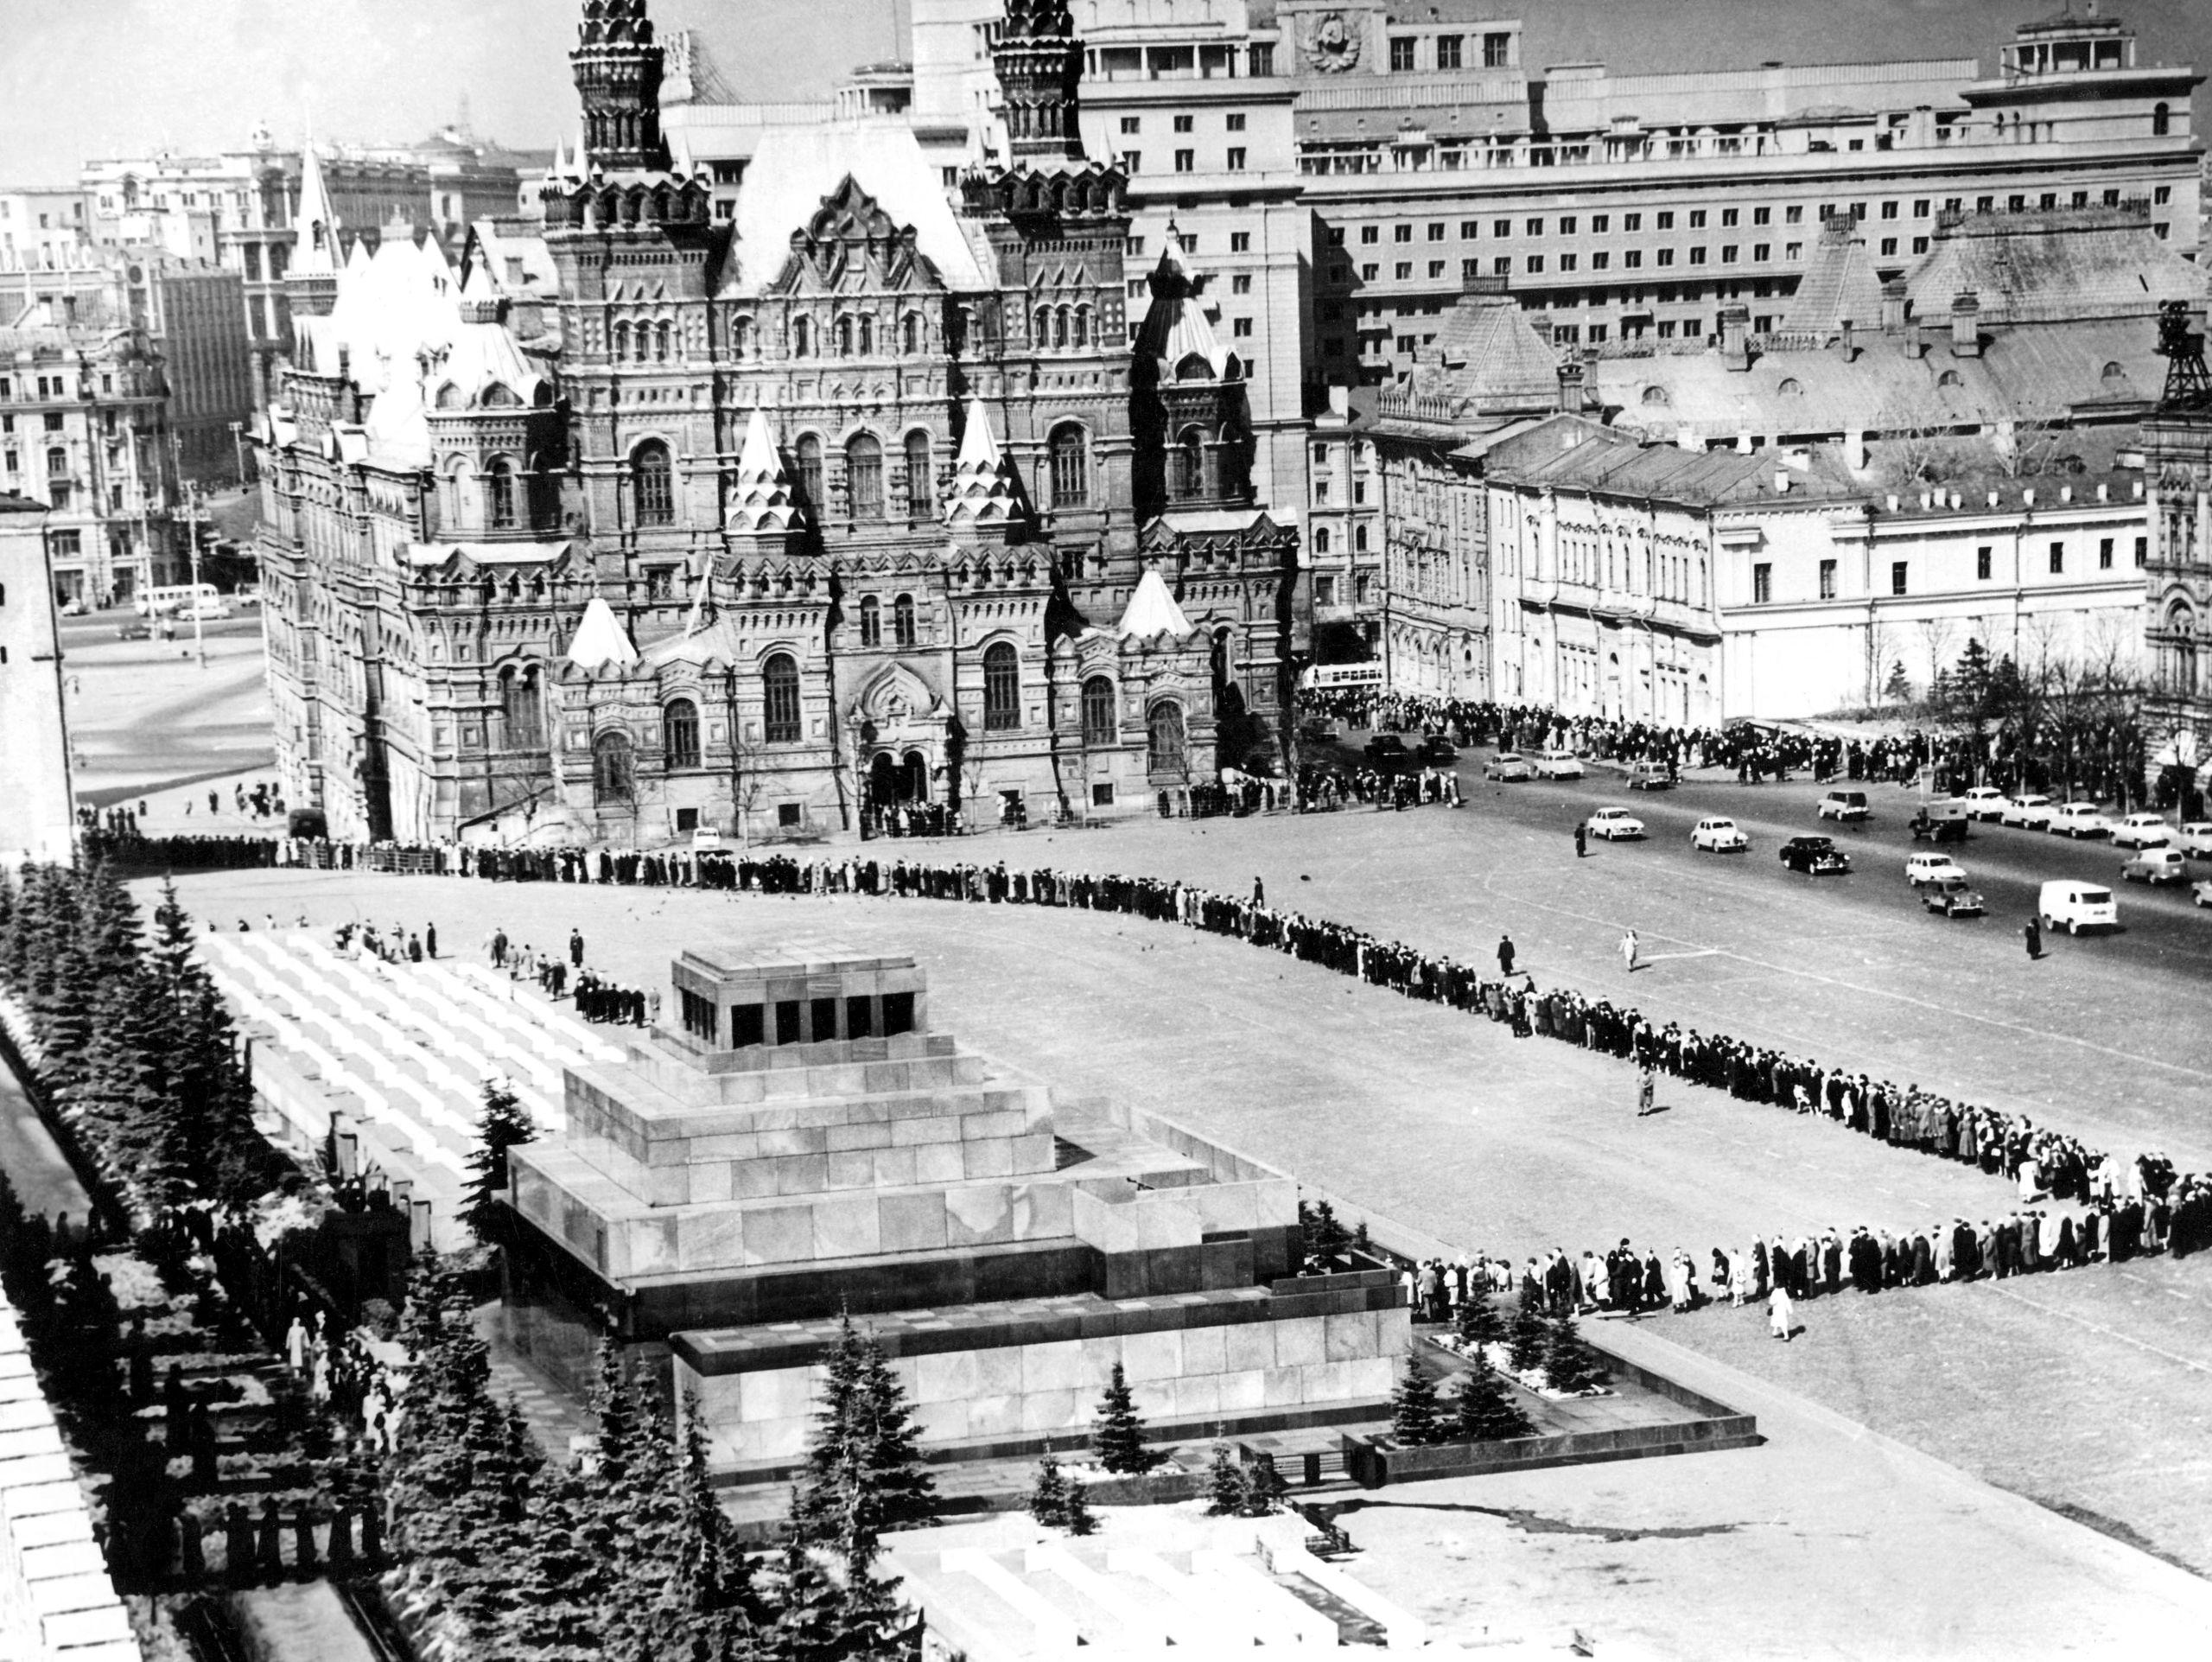 Largas colas en el mausoleo de Lenin en los años 60